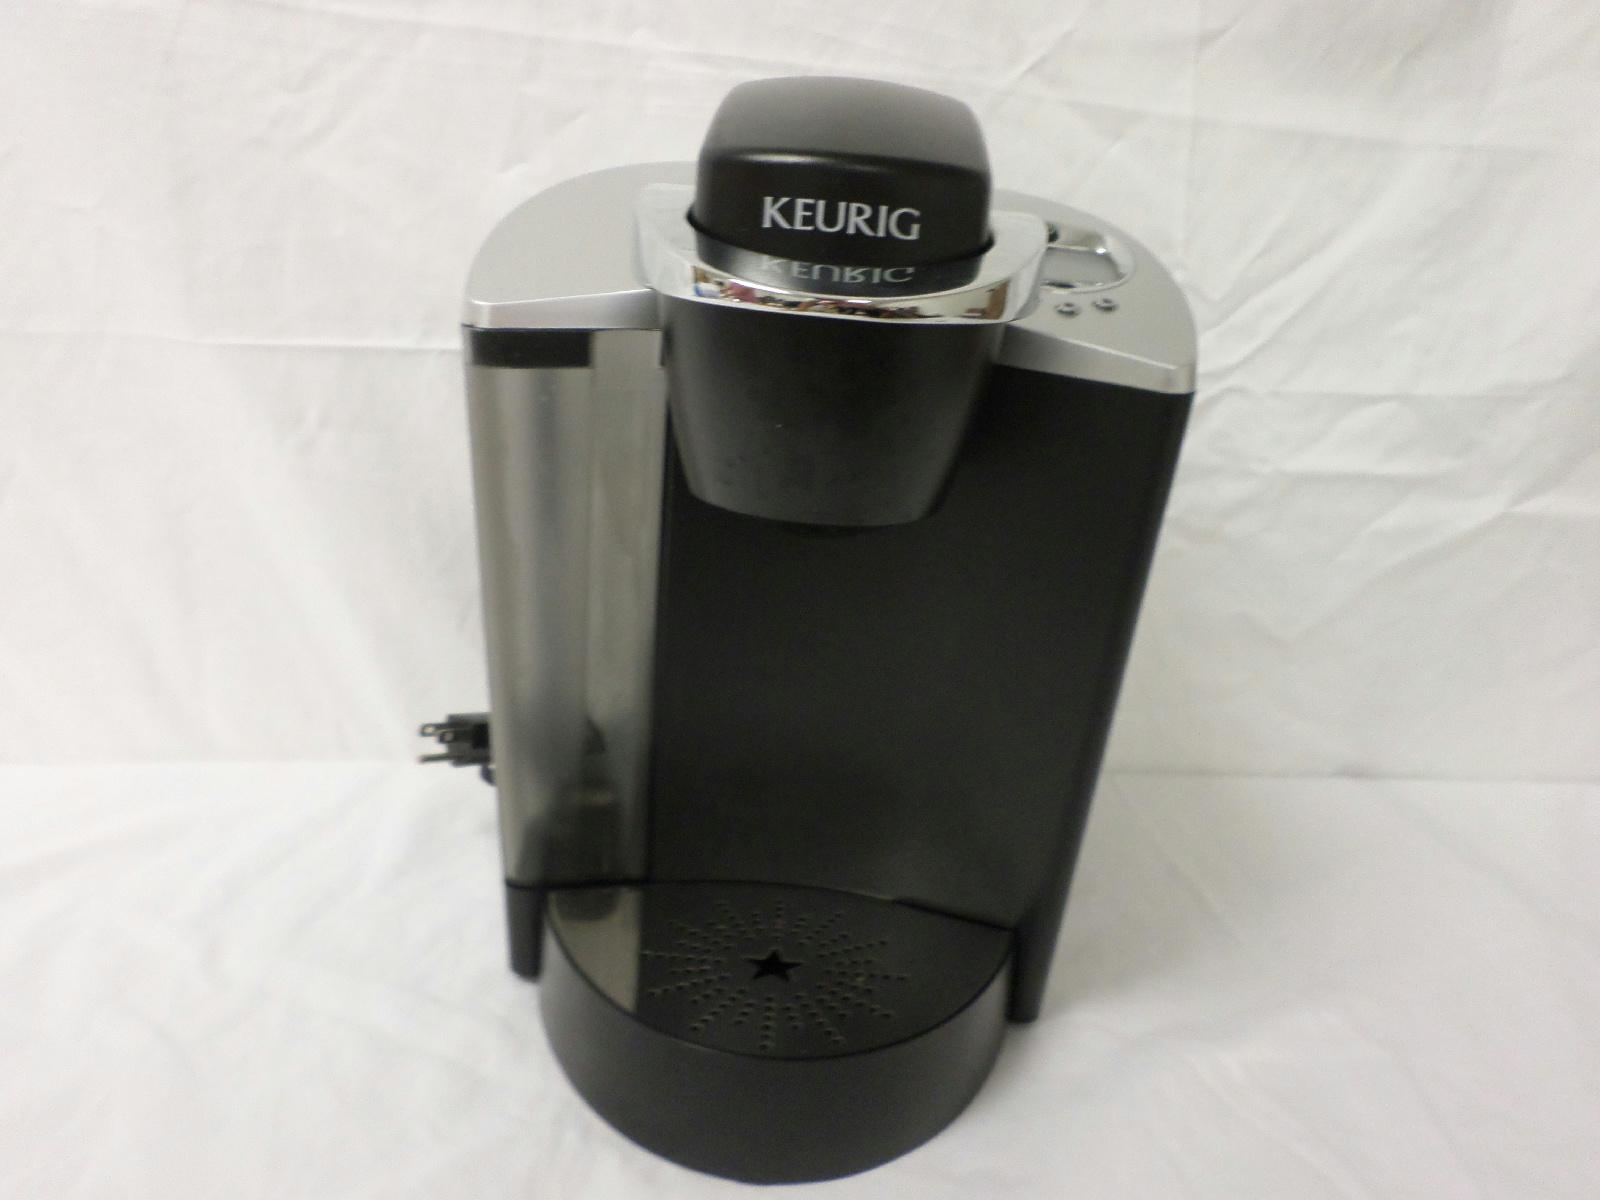 Coffee Maker Keurig B60 : Keurig Coffee Maker B60 Special Edition Brewing System Black eBay